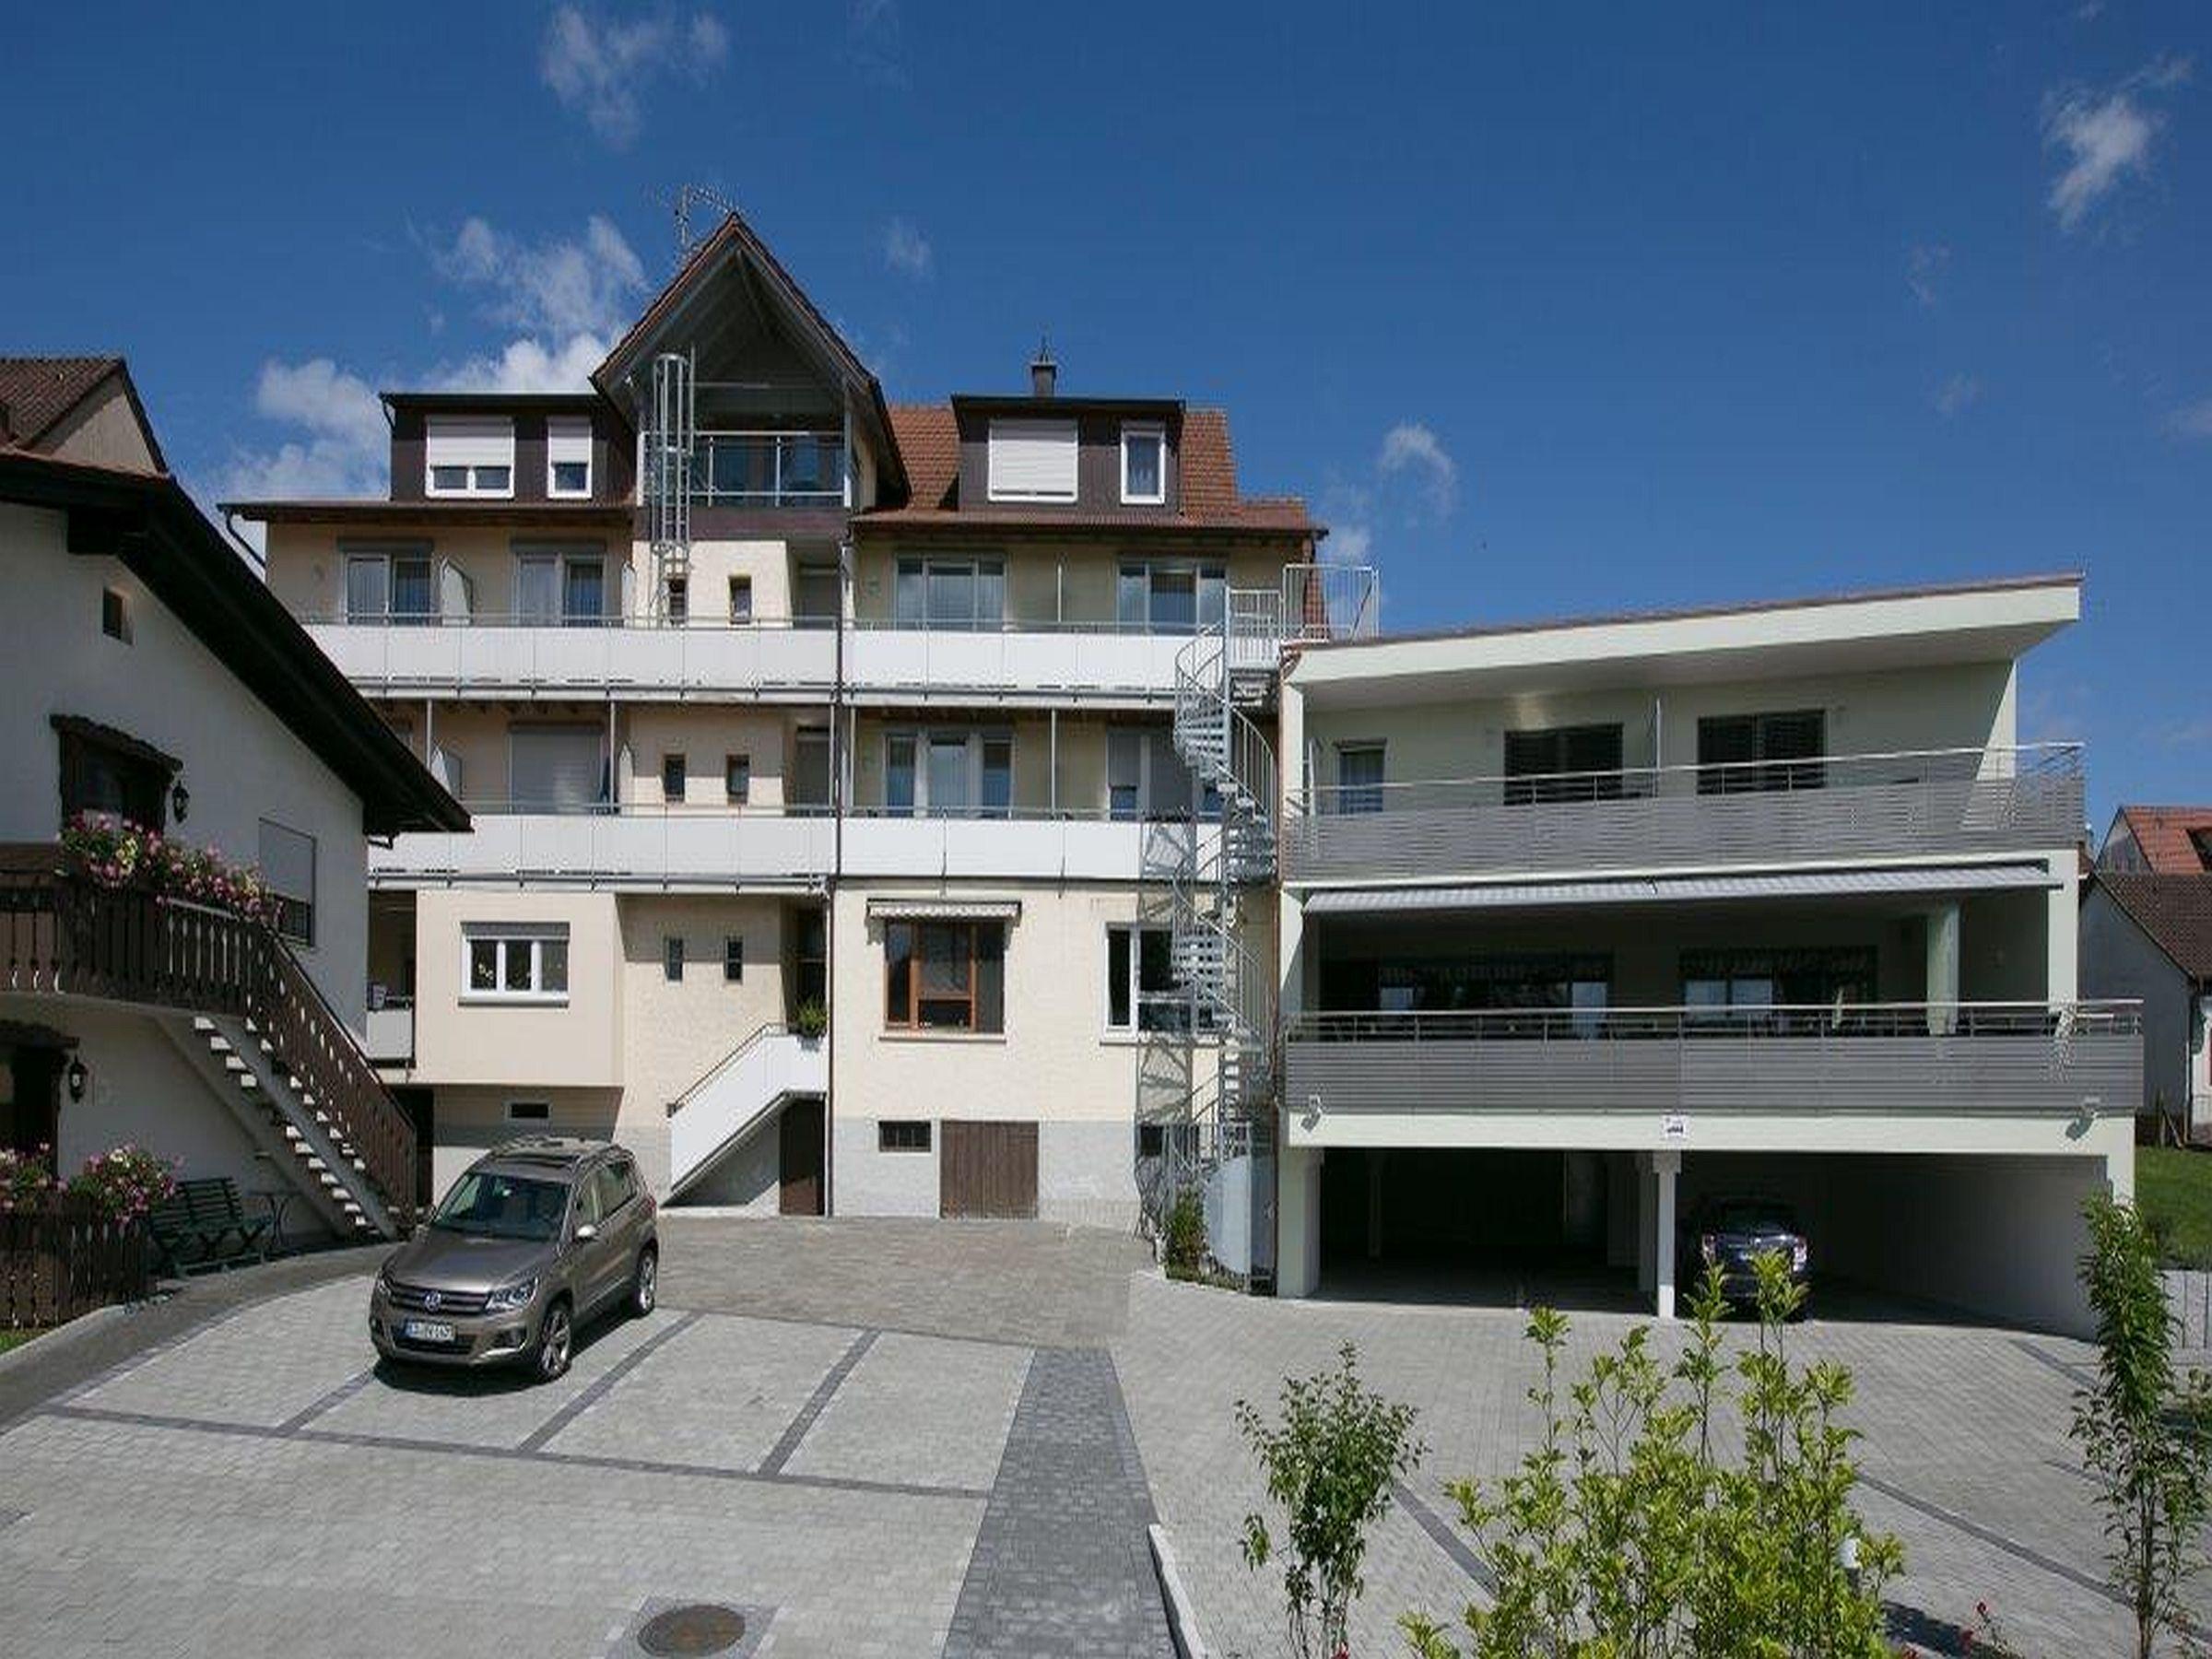 Hotel-Gasthaus Krone, (Immenstaad am Bodensee). Ko Ferienwohnung